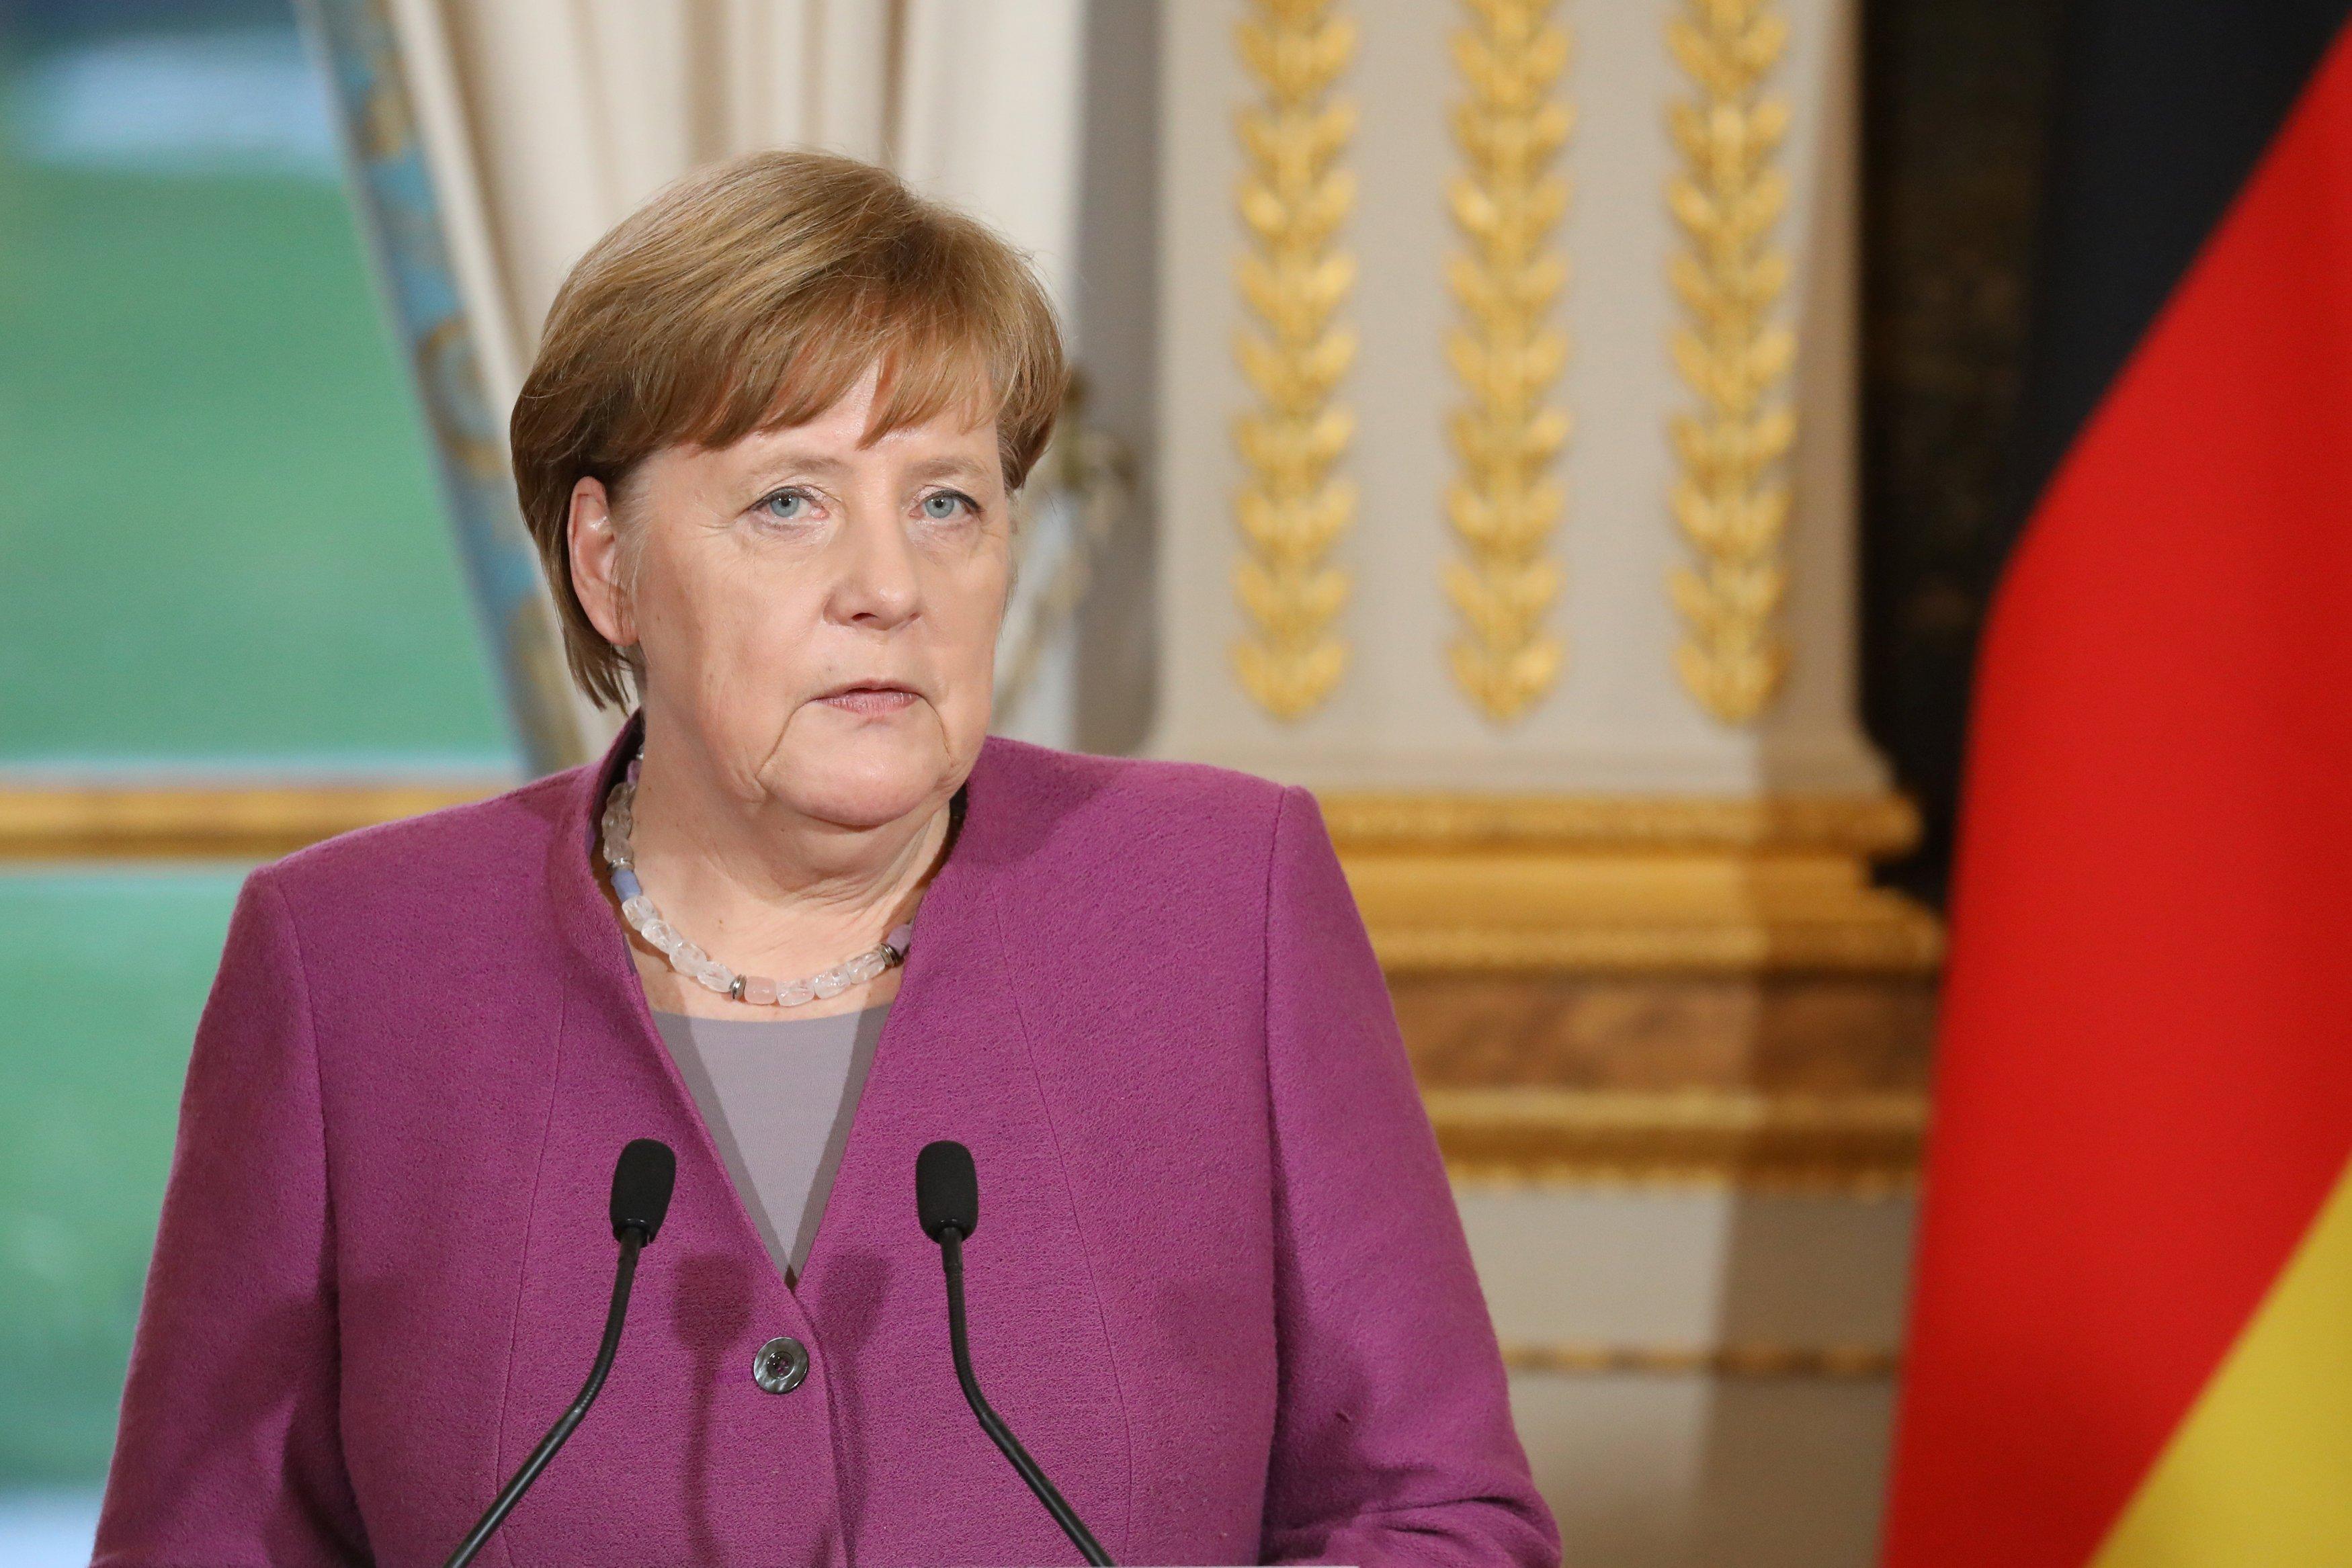 Ситуация с отравлением Сергея Скрипаля является сложной, отметила Ангела Меркель